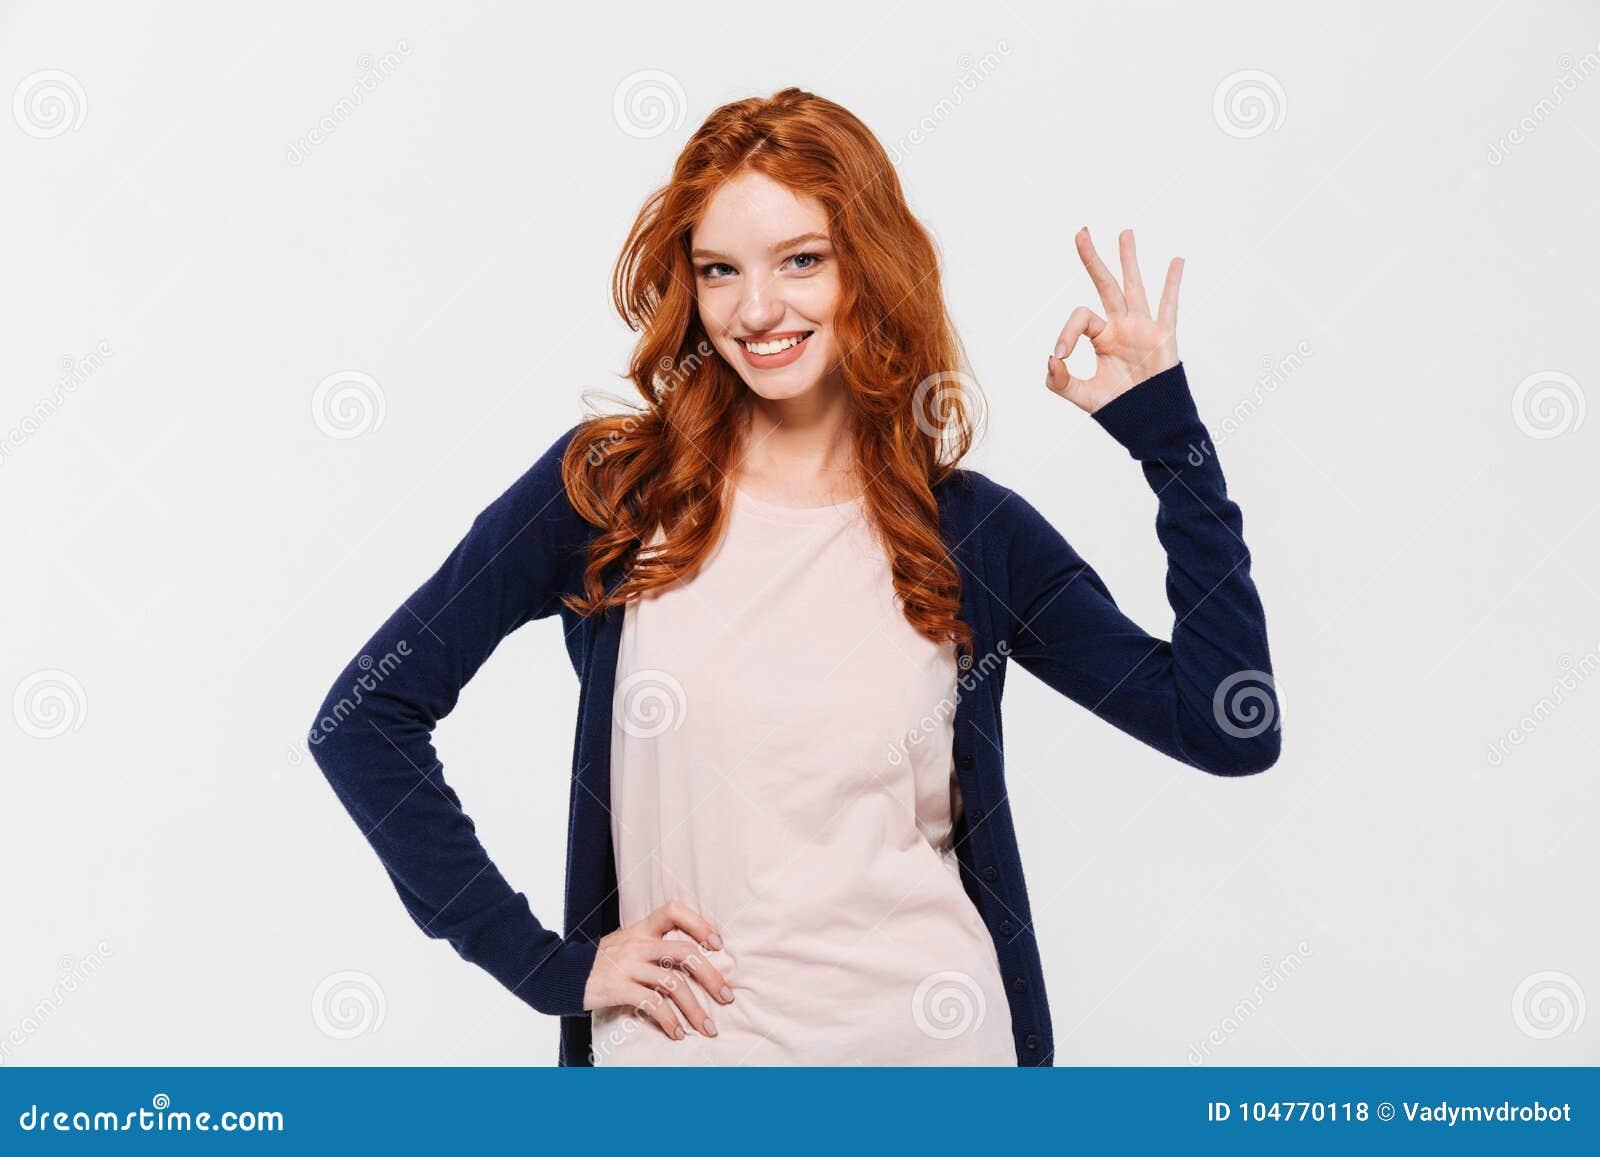 Sourire dame rousse assez jeune montrant le geste correct